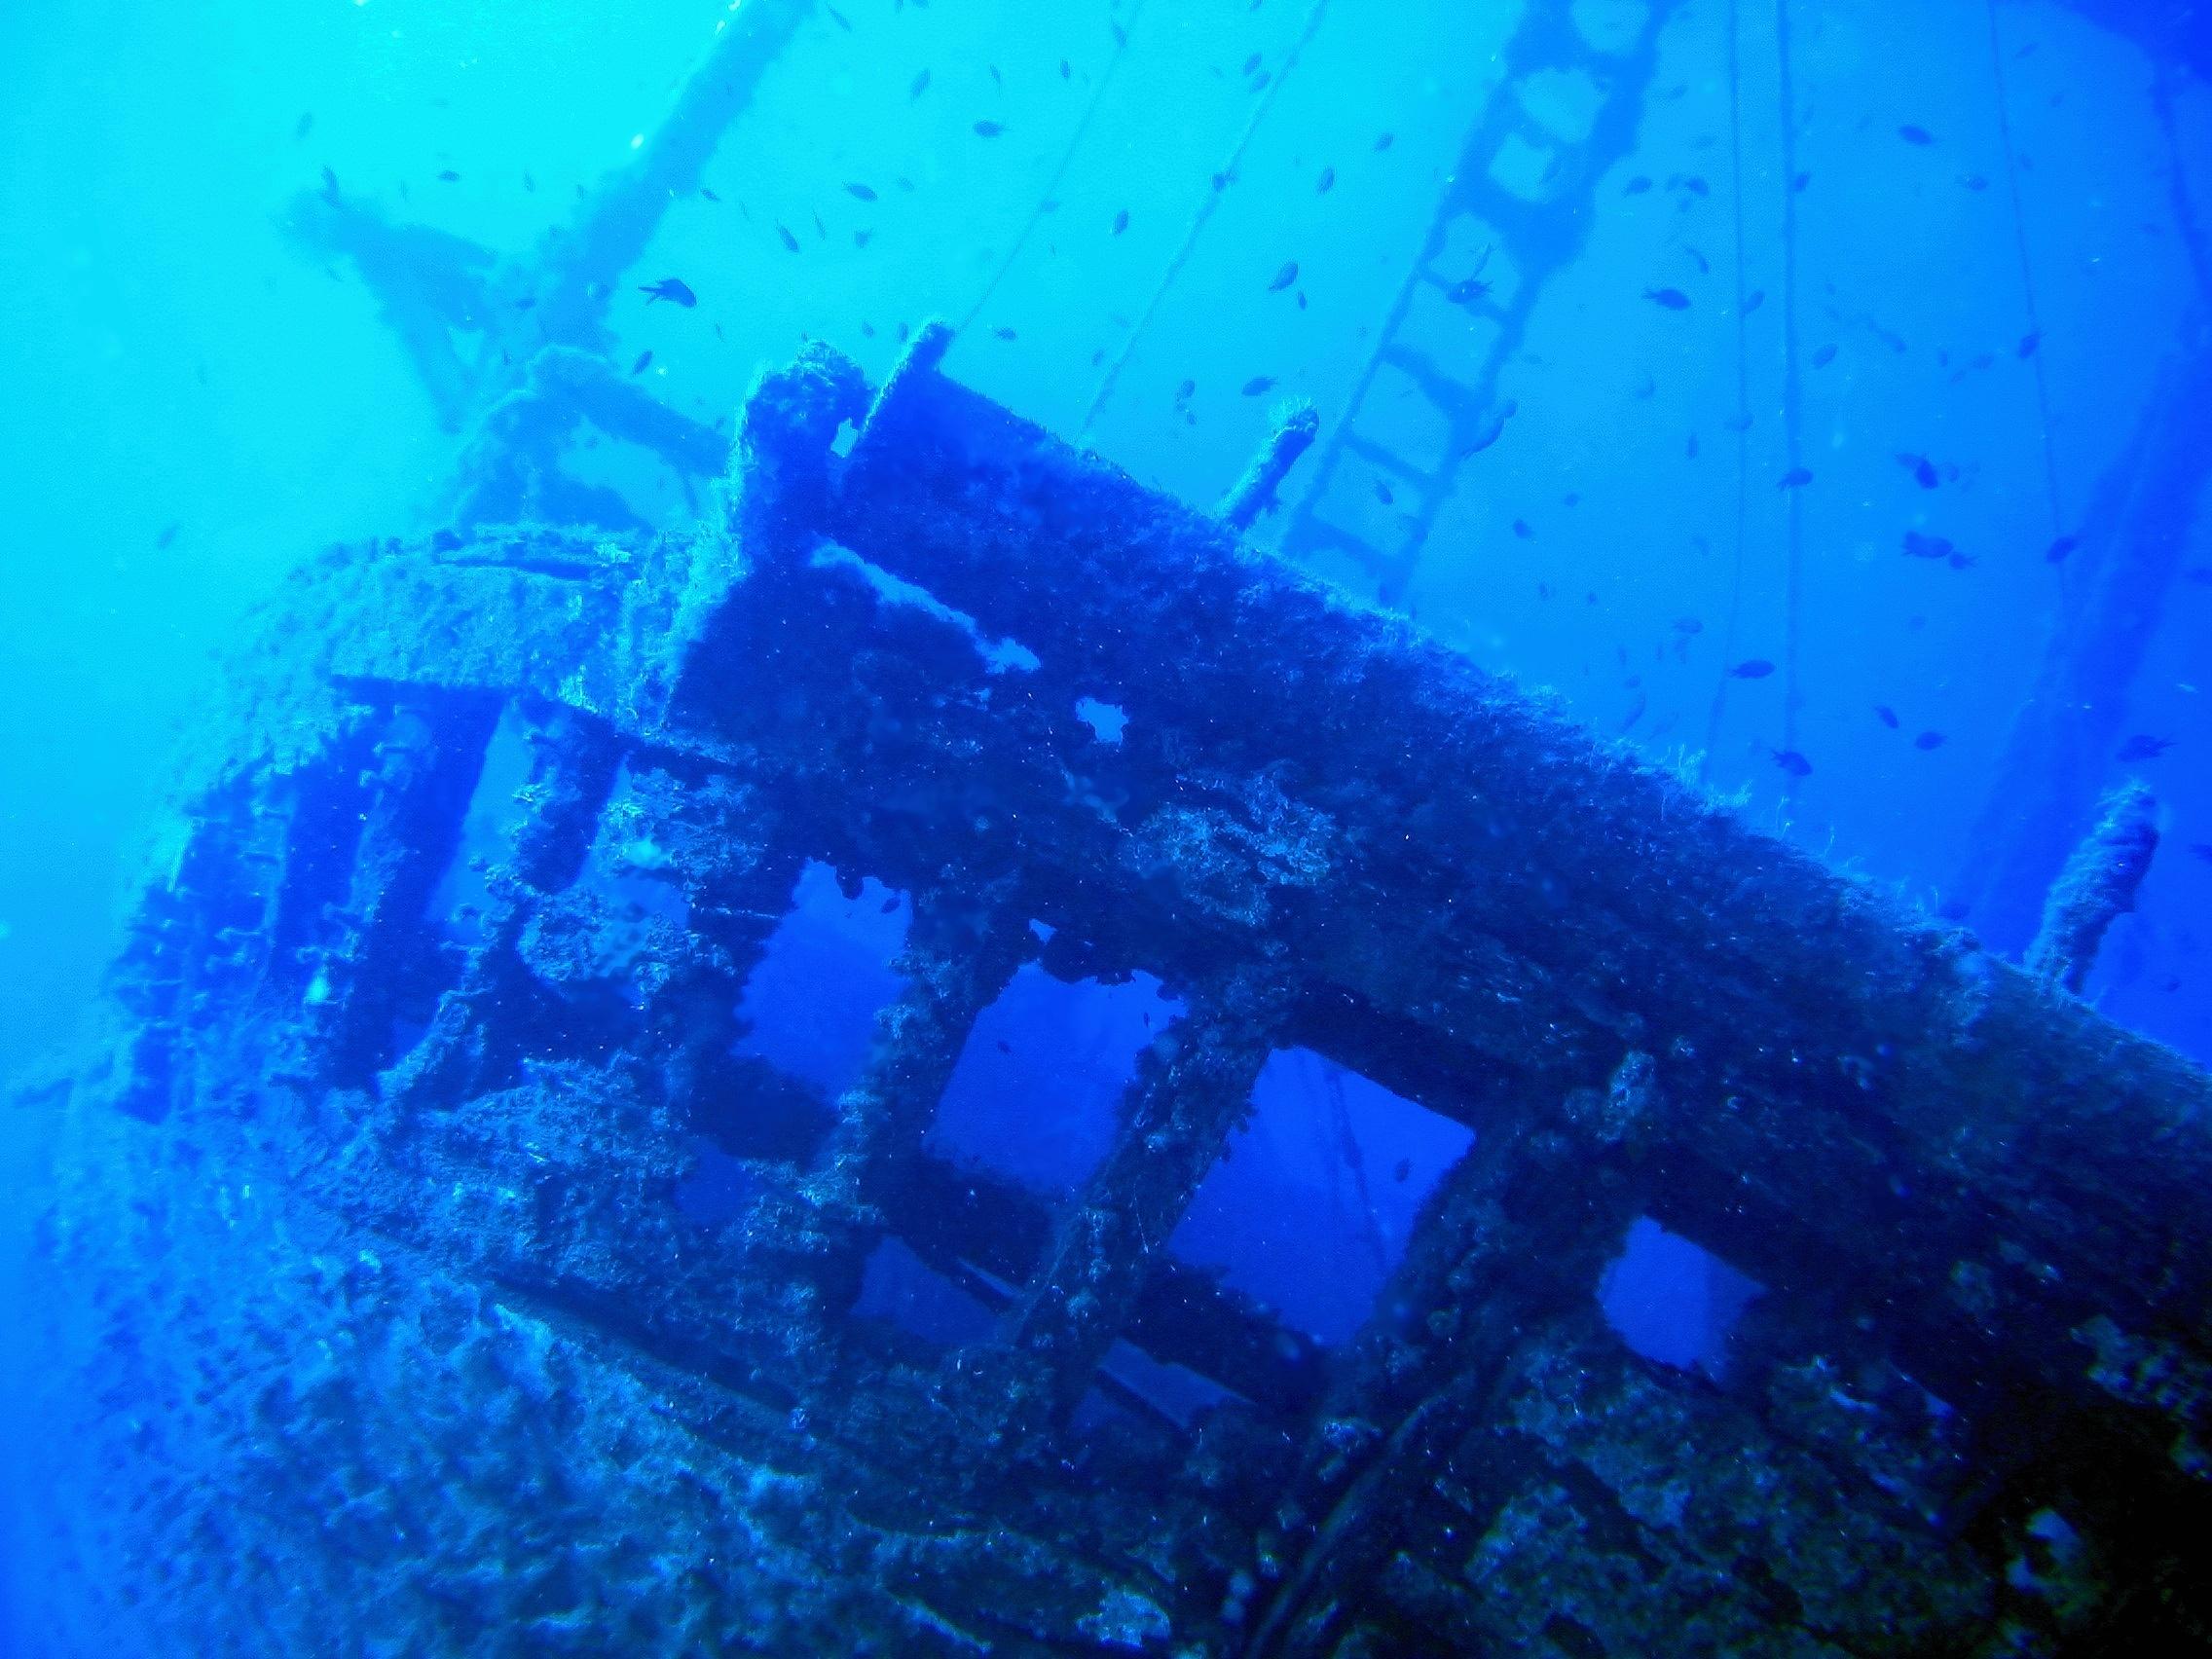 Vrak rybářského člunu v hloubce 32 m, Základna Manjana na Brači 2003, Olympus Camedia C4040, přisvícení interním bleskem